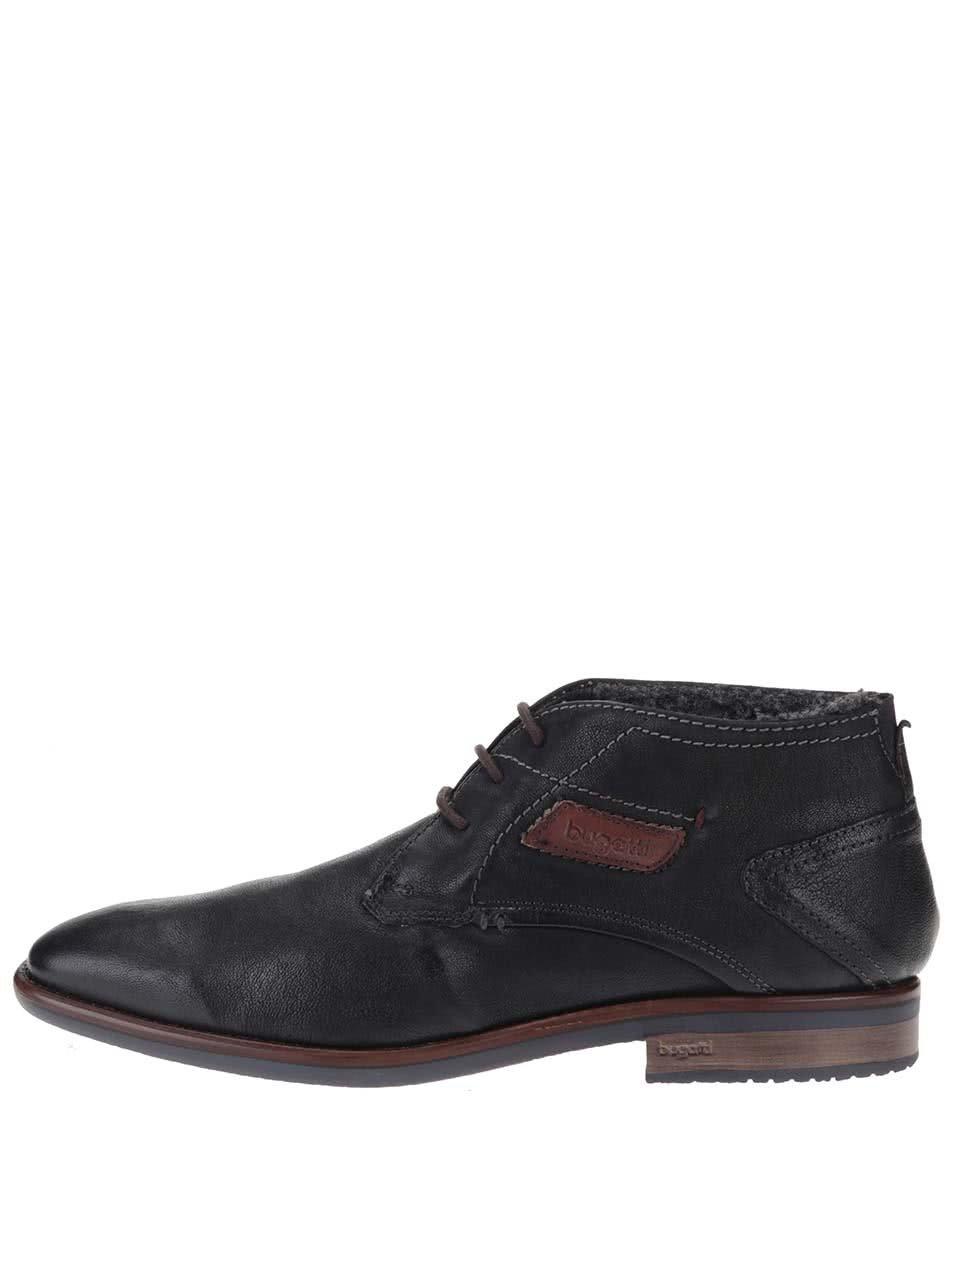 0790834c1e12 Čierne pánske kožené členkové topánky s umelou kožušinou bugatti Hugo Revo  ...